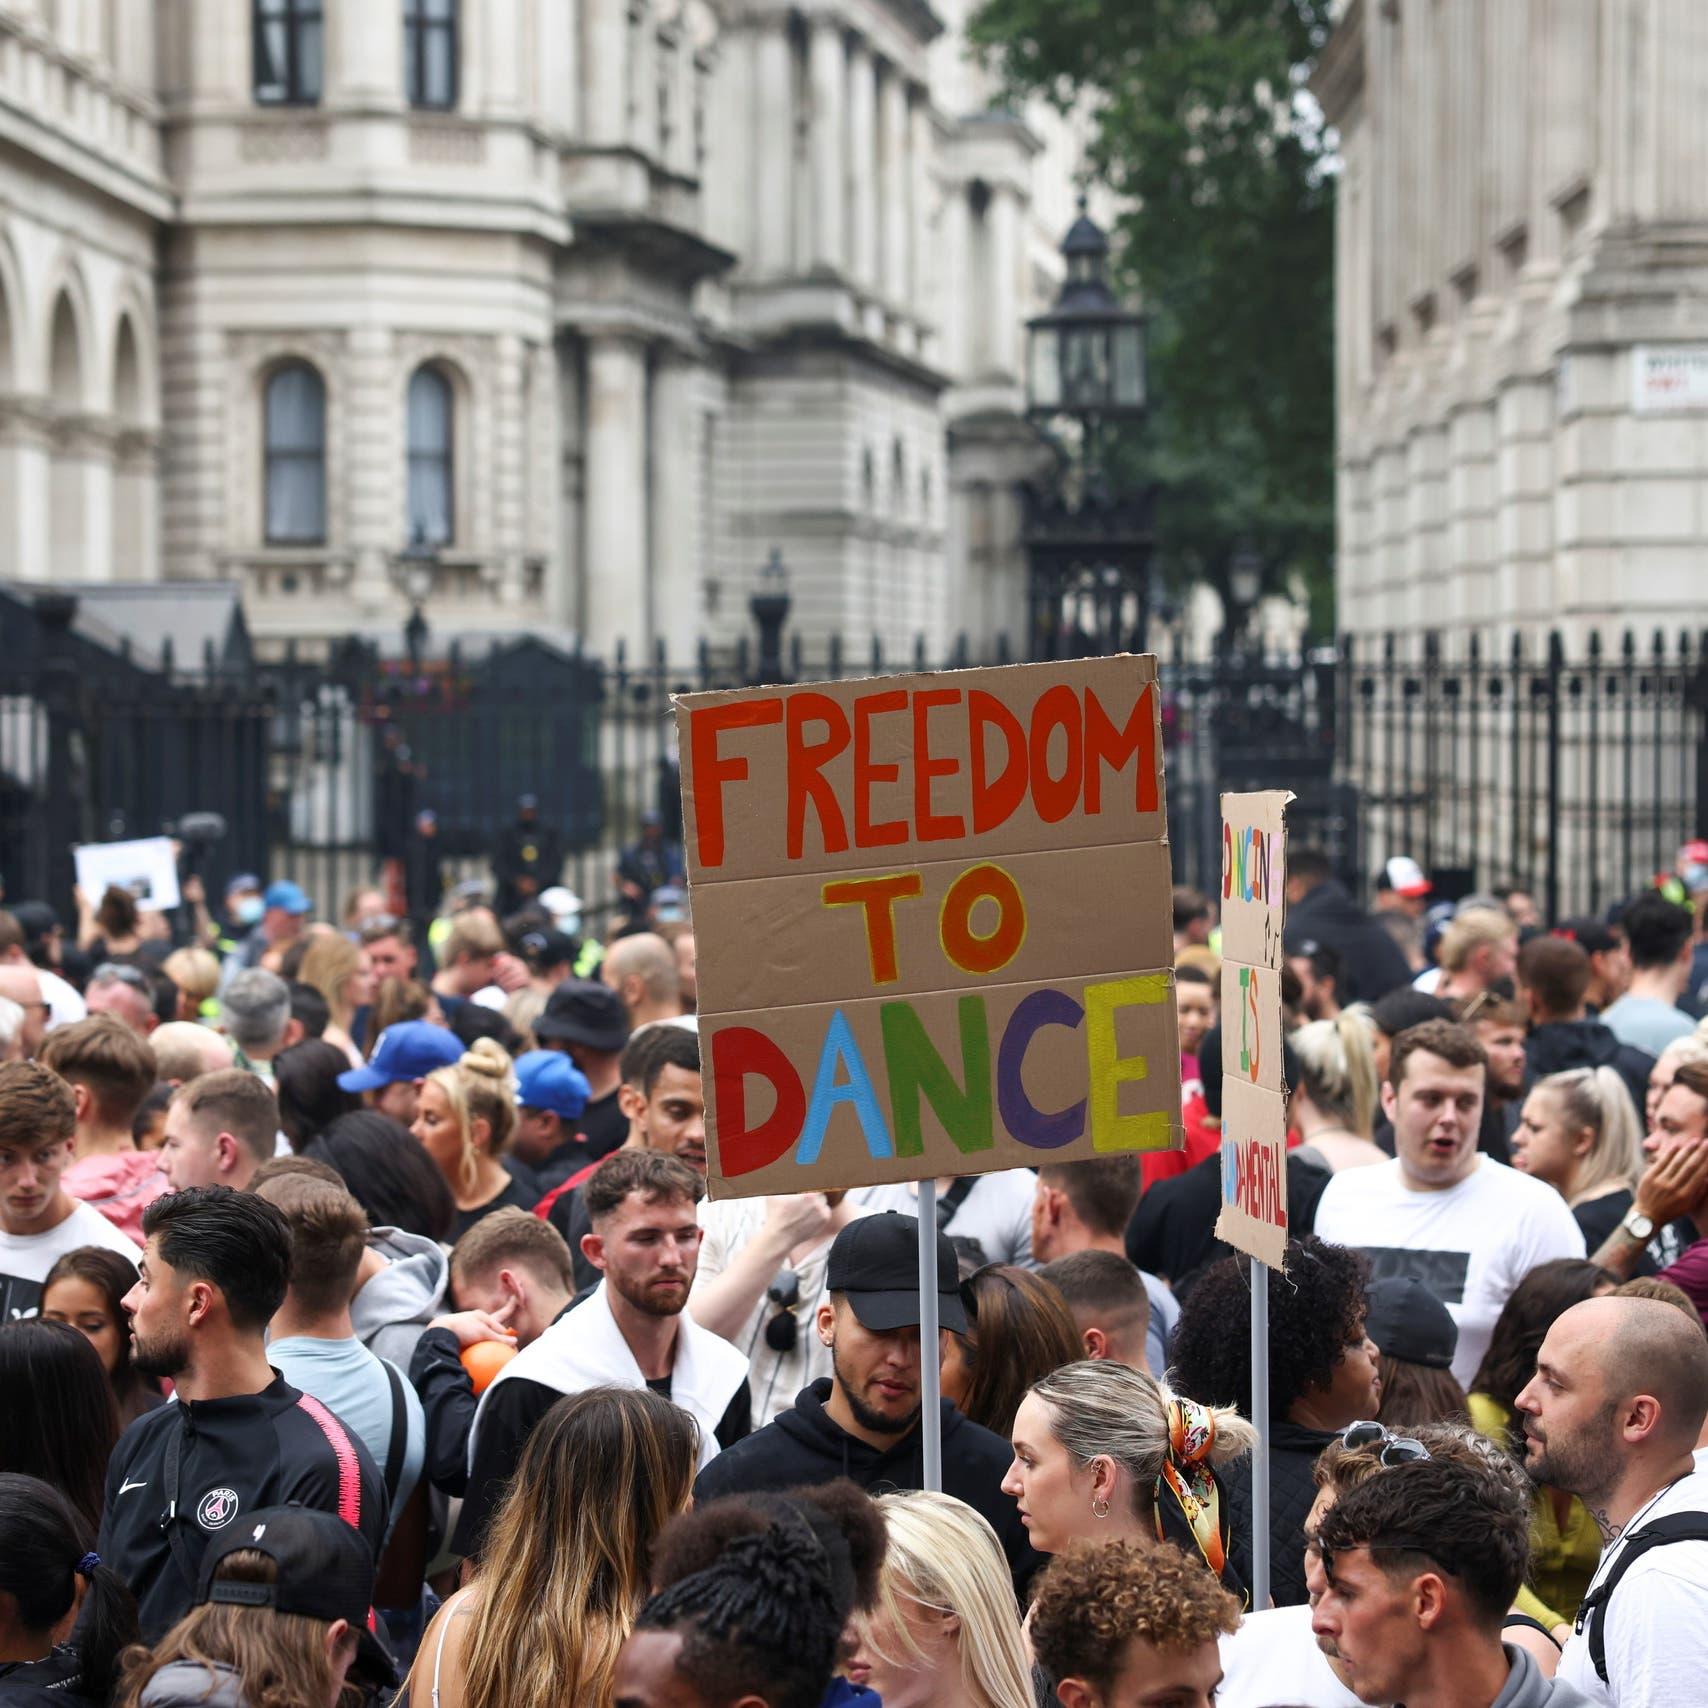 """بريطانيا تستعد لـ""""يوم الحرية""""..رفع قيود كورونا رغم استمرار الوباء"""